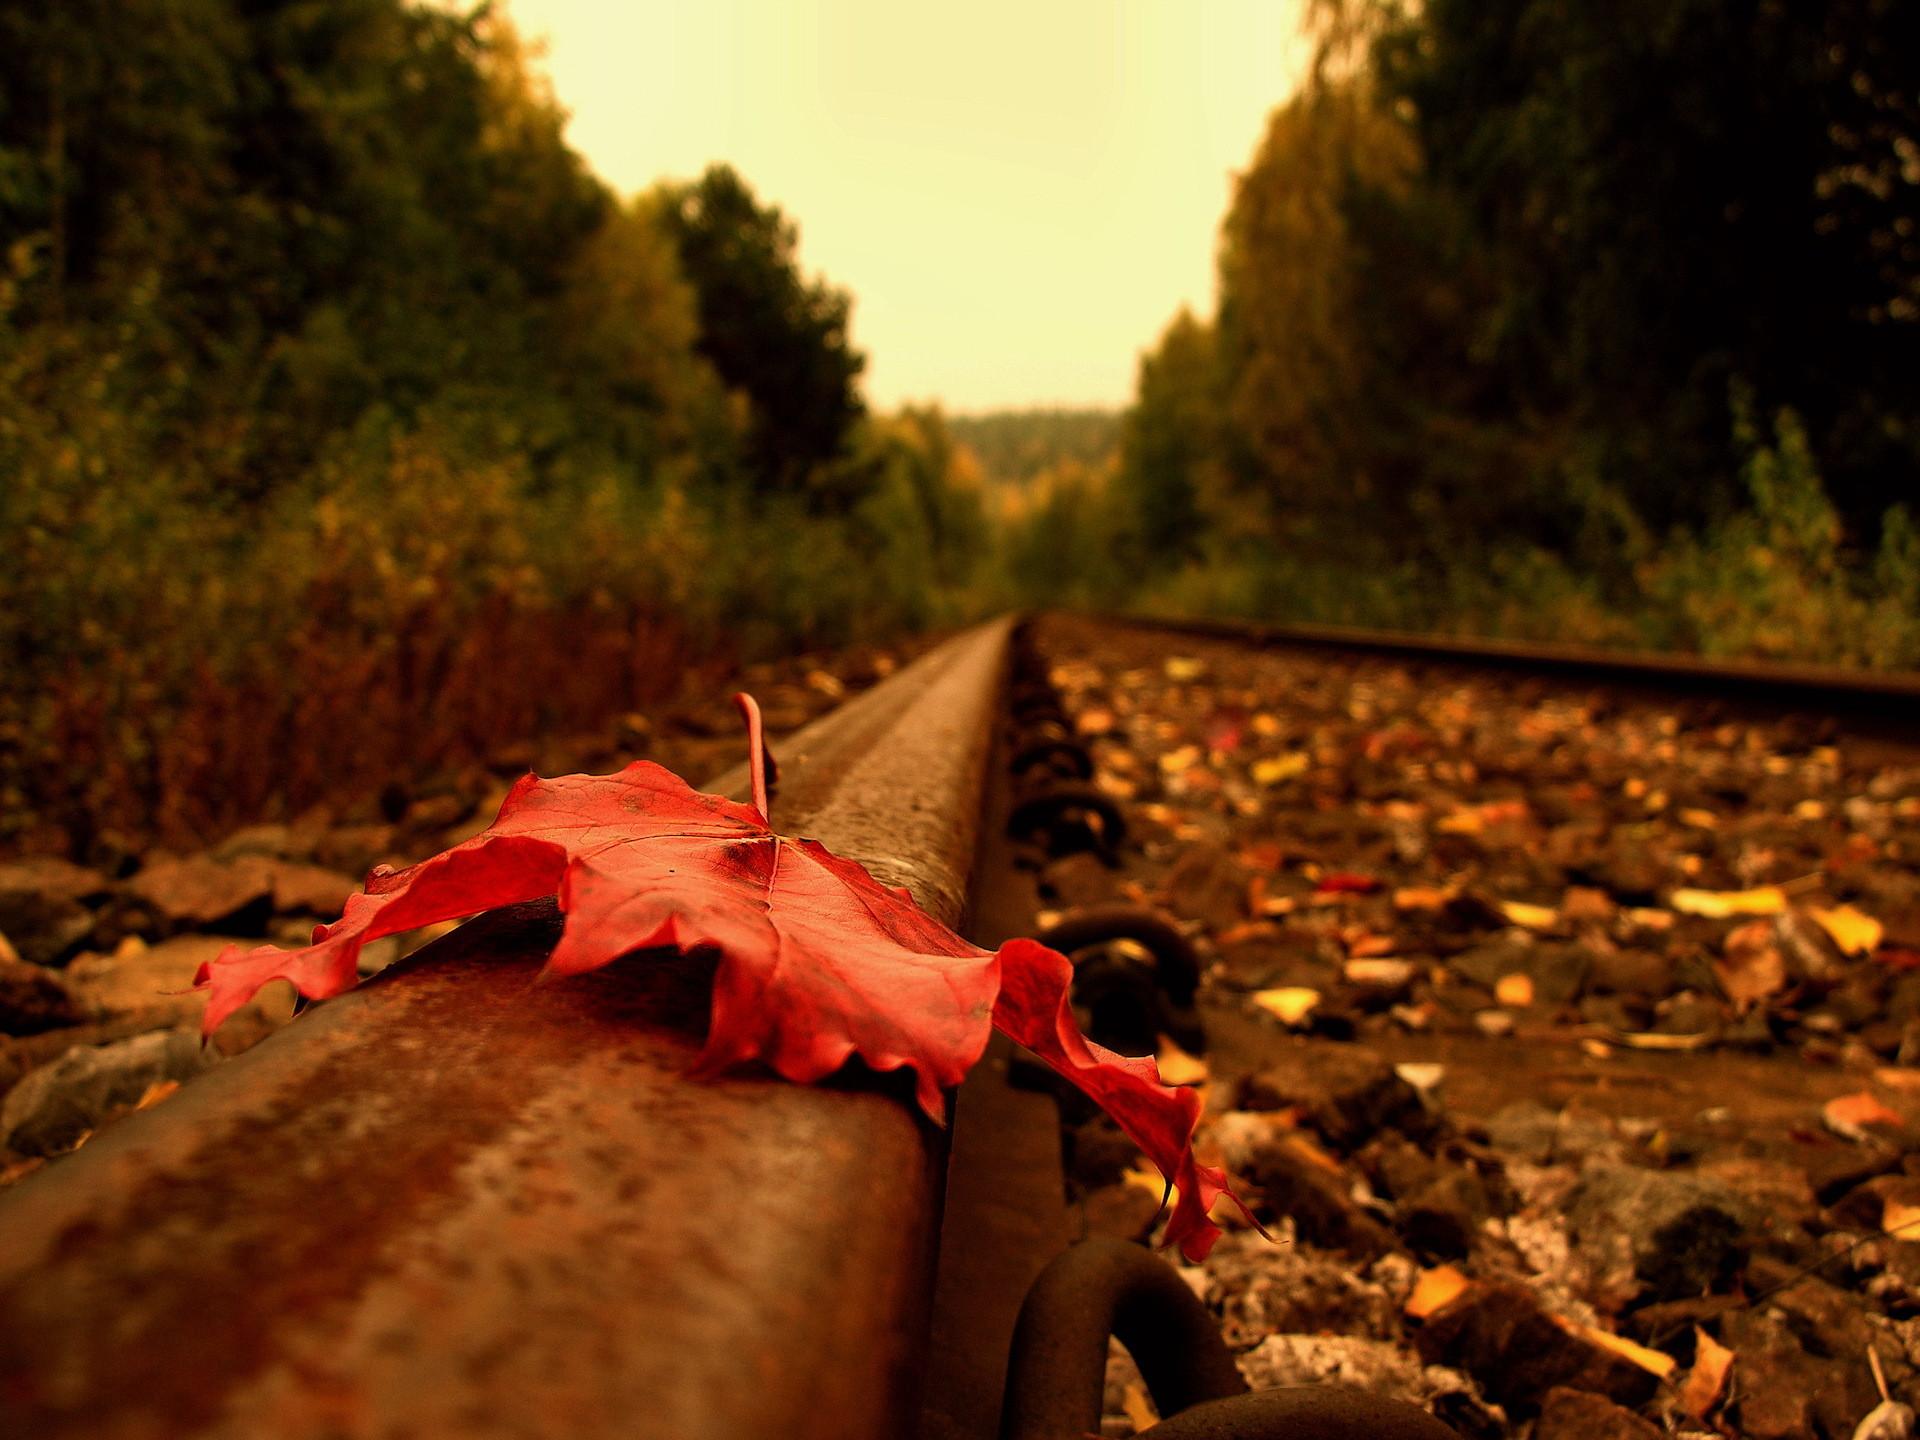 Осень в лесу фото на рабочий стол   самые лучшие (2)